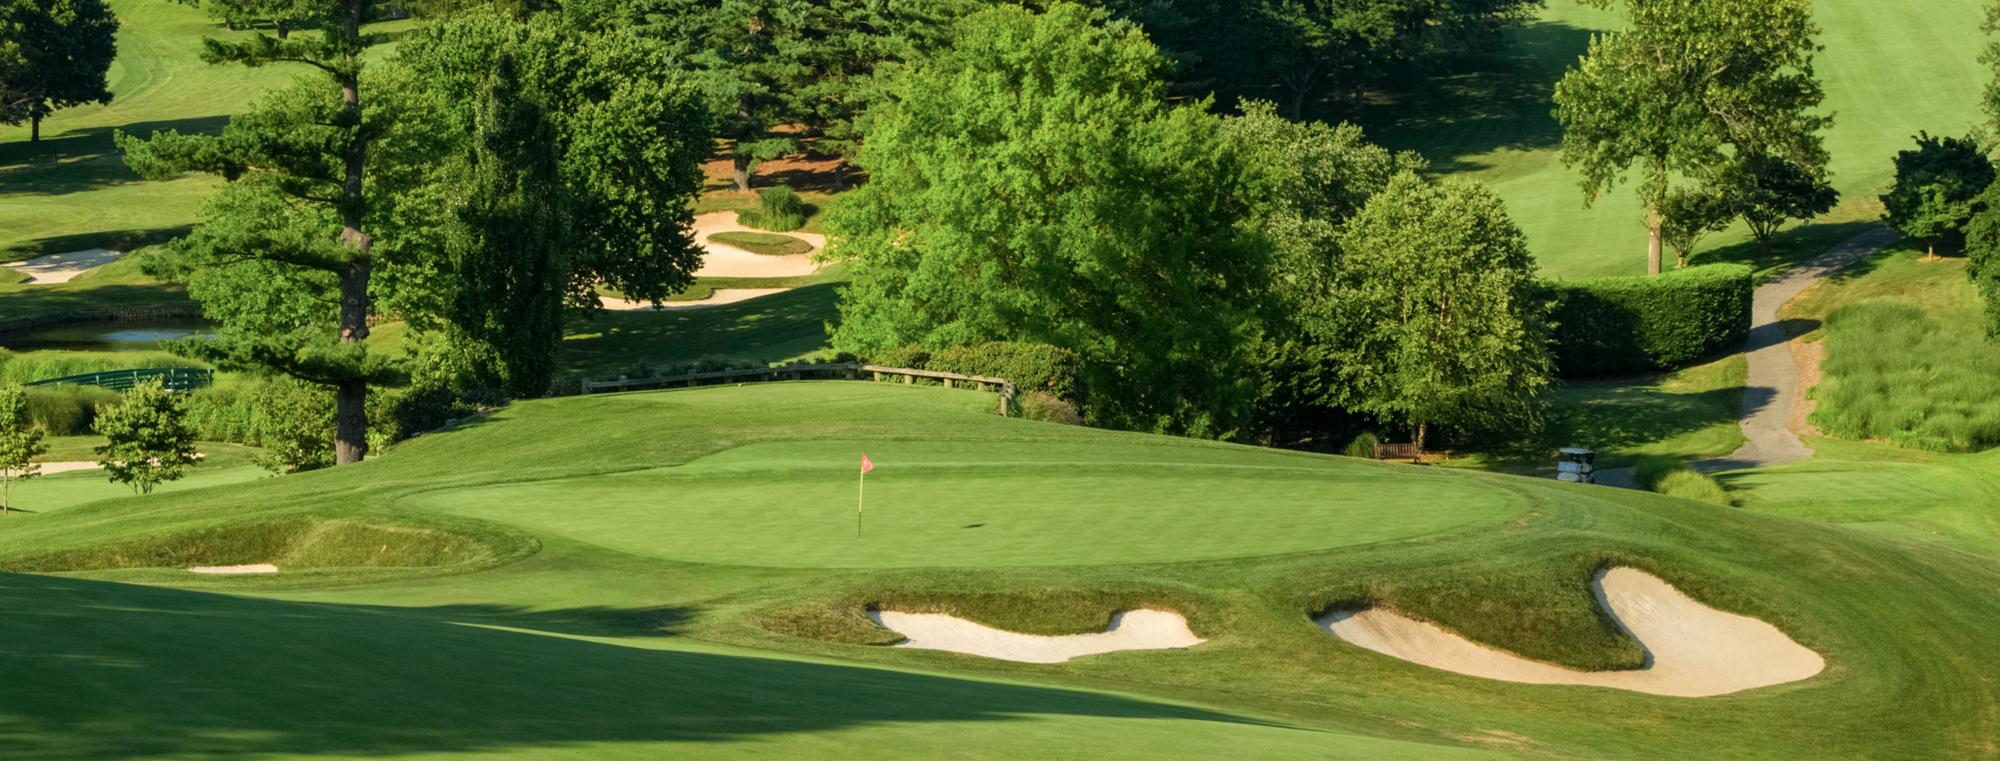 Golf - Woodholme Country Club